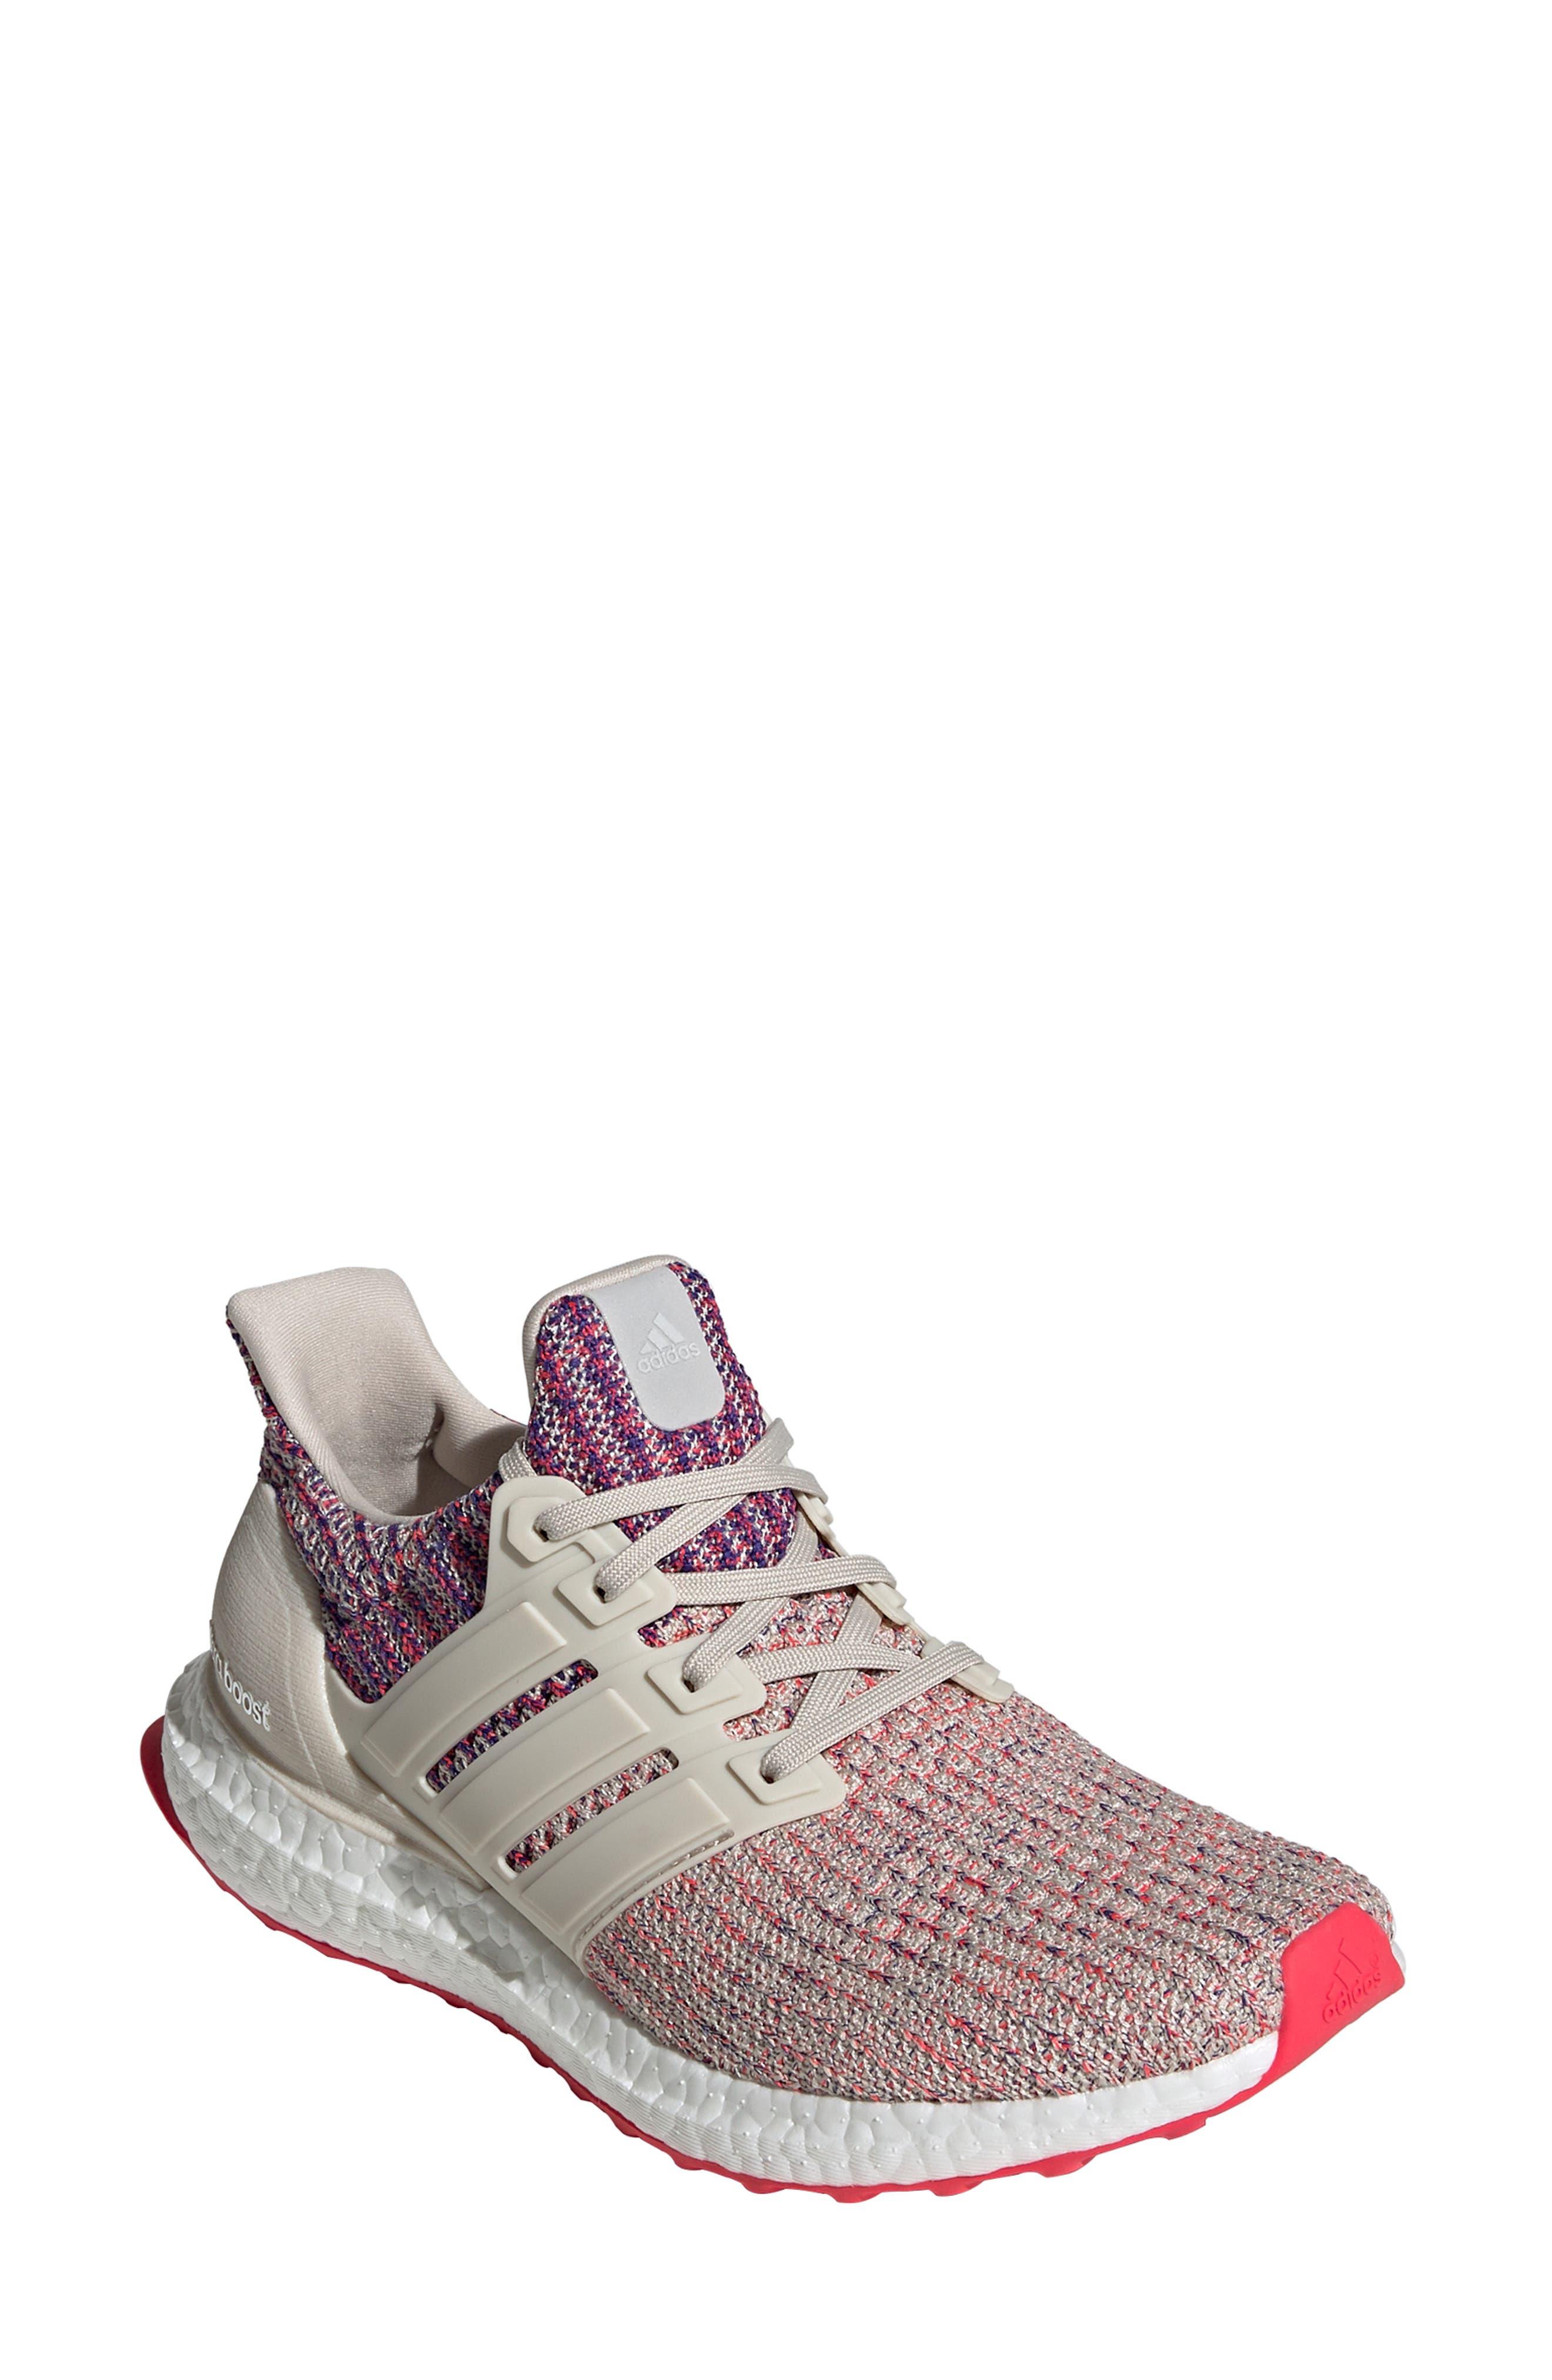 44316e839cc46 Women s Adidas  Ultraboost  Running Shoe